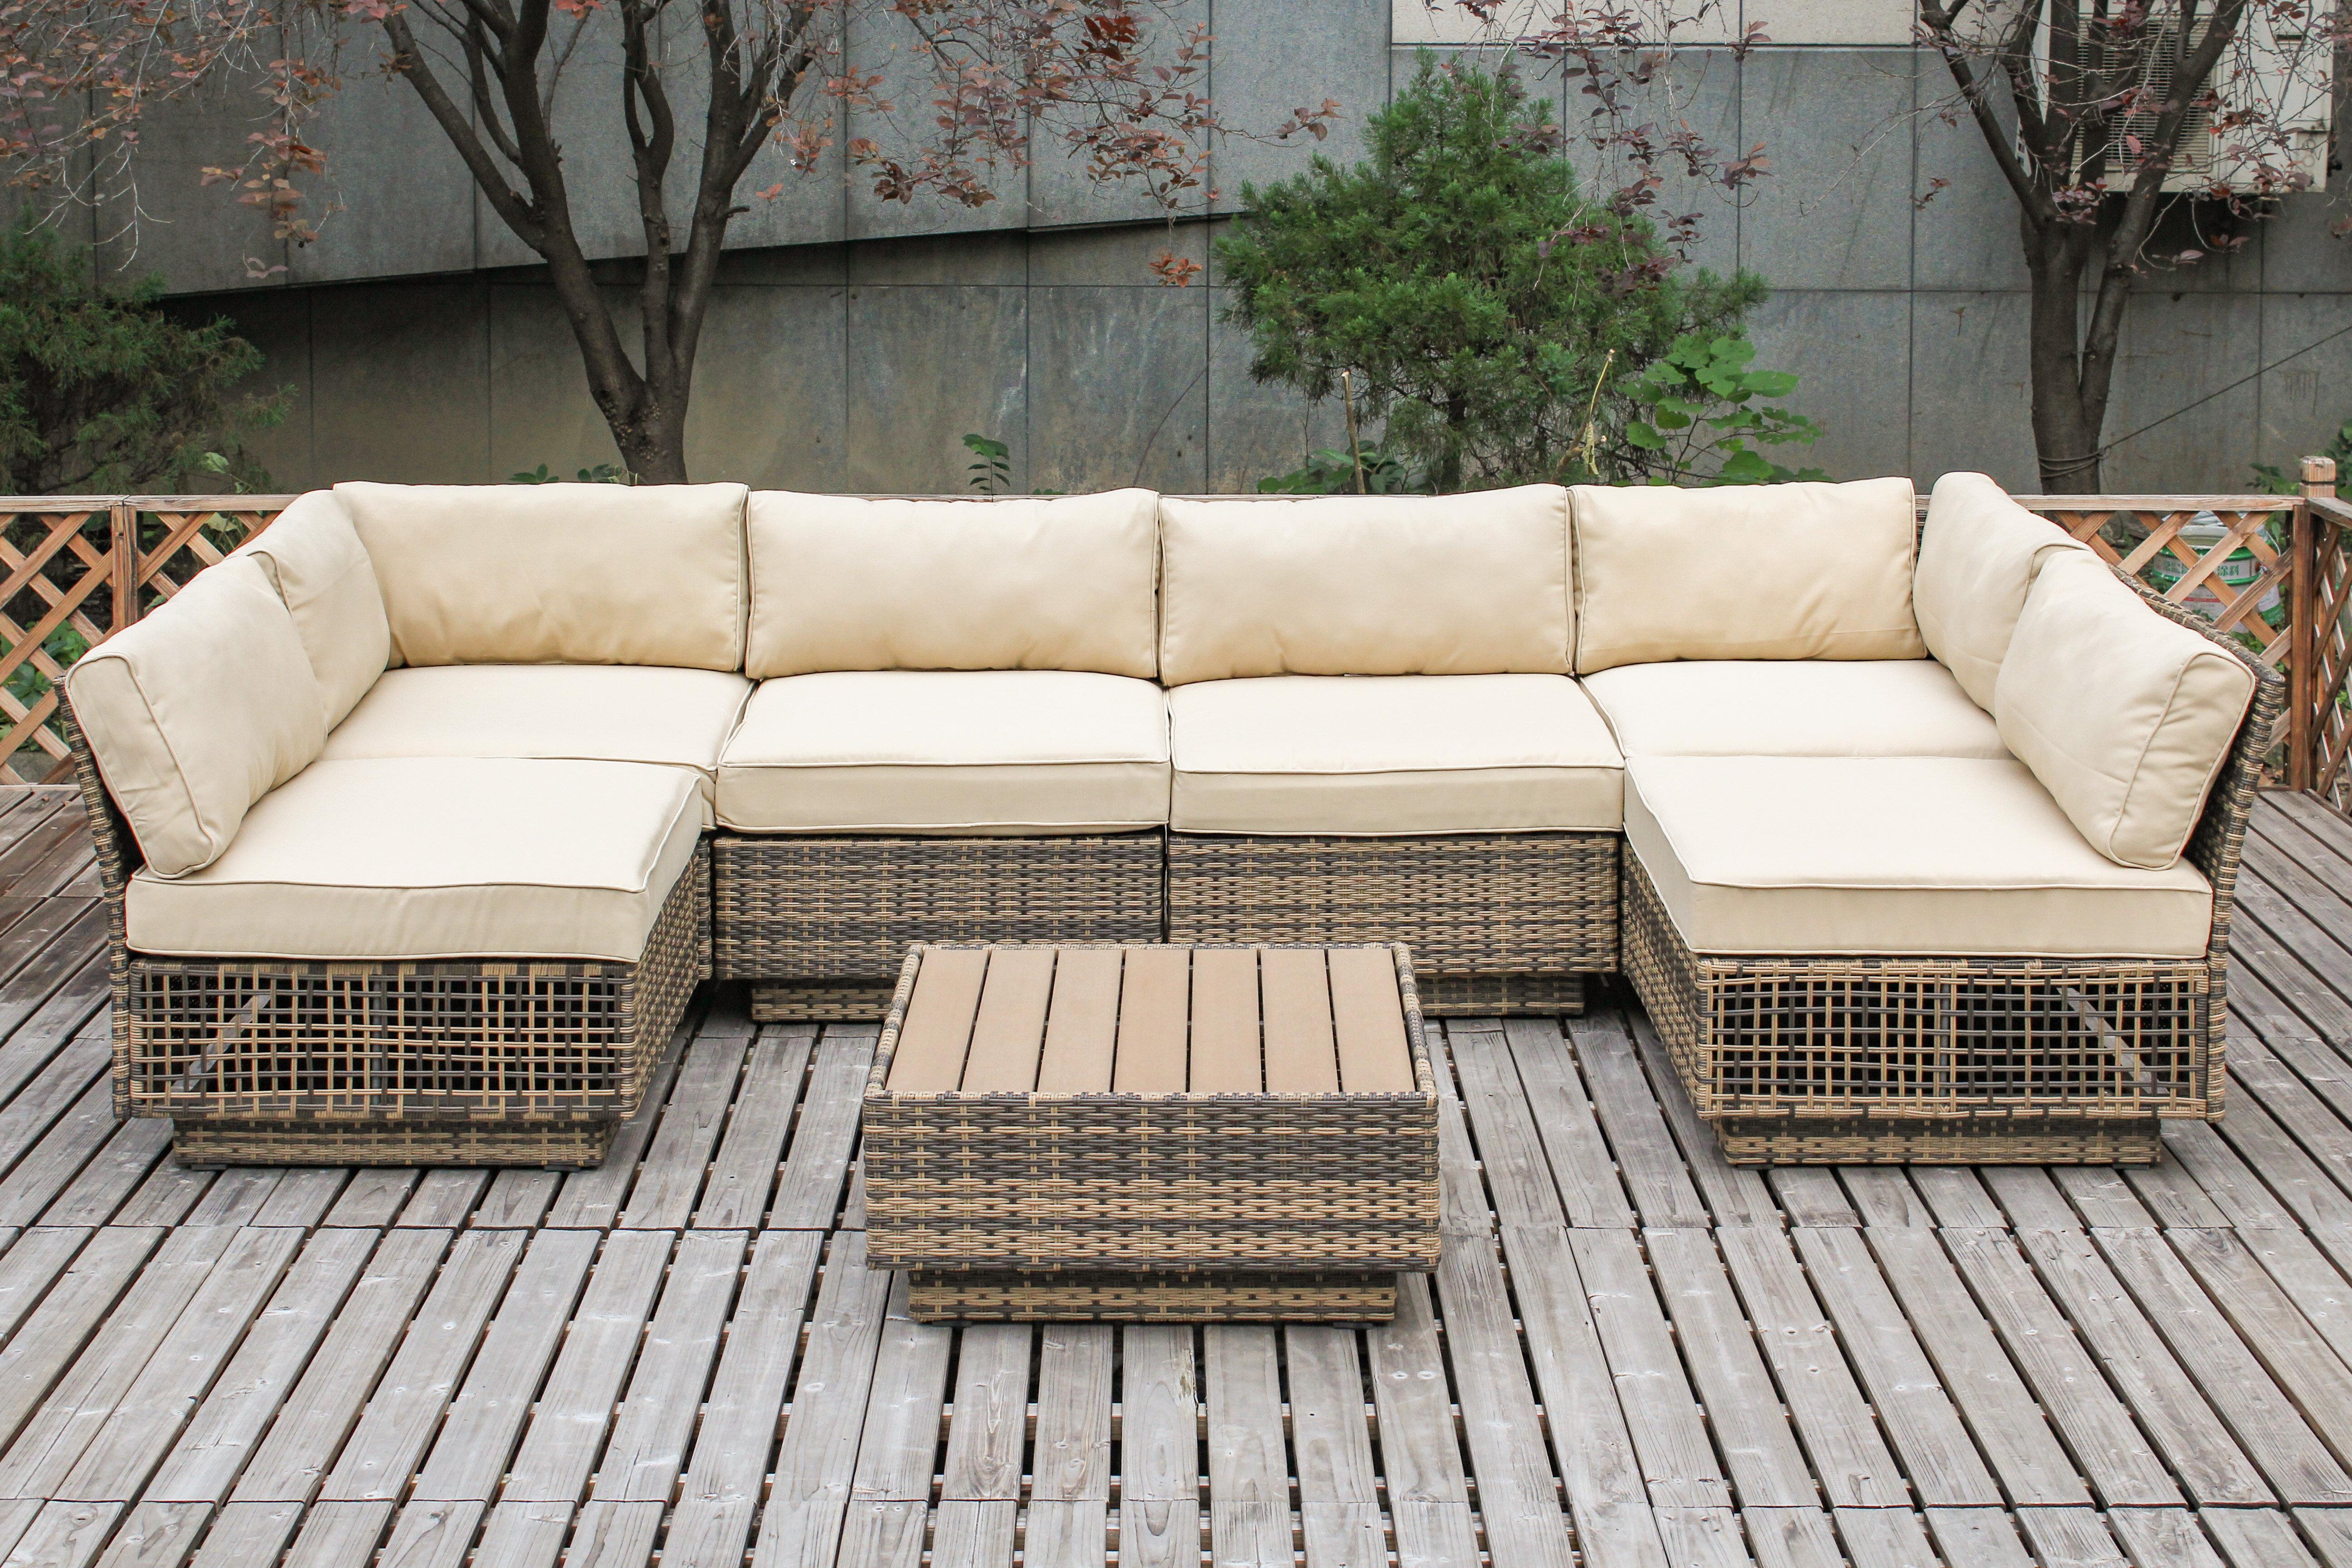 Bayou Breeze Alaia 7 Piece Sectional Set With Cushions Reviews Wayfair